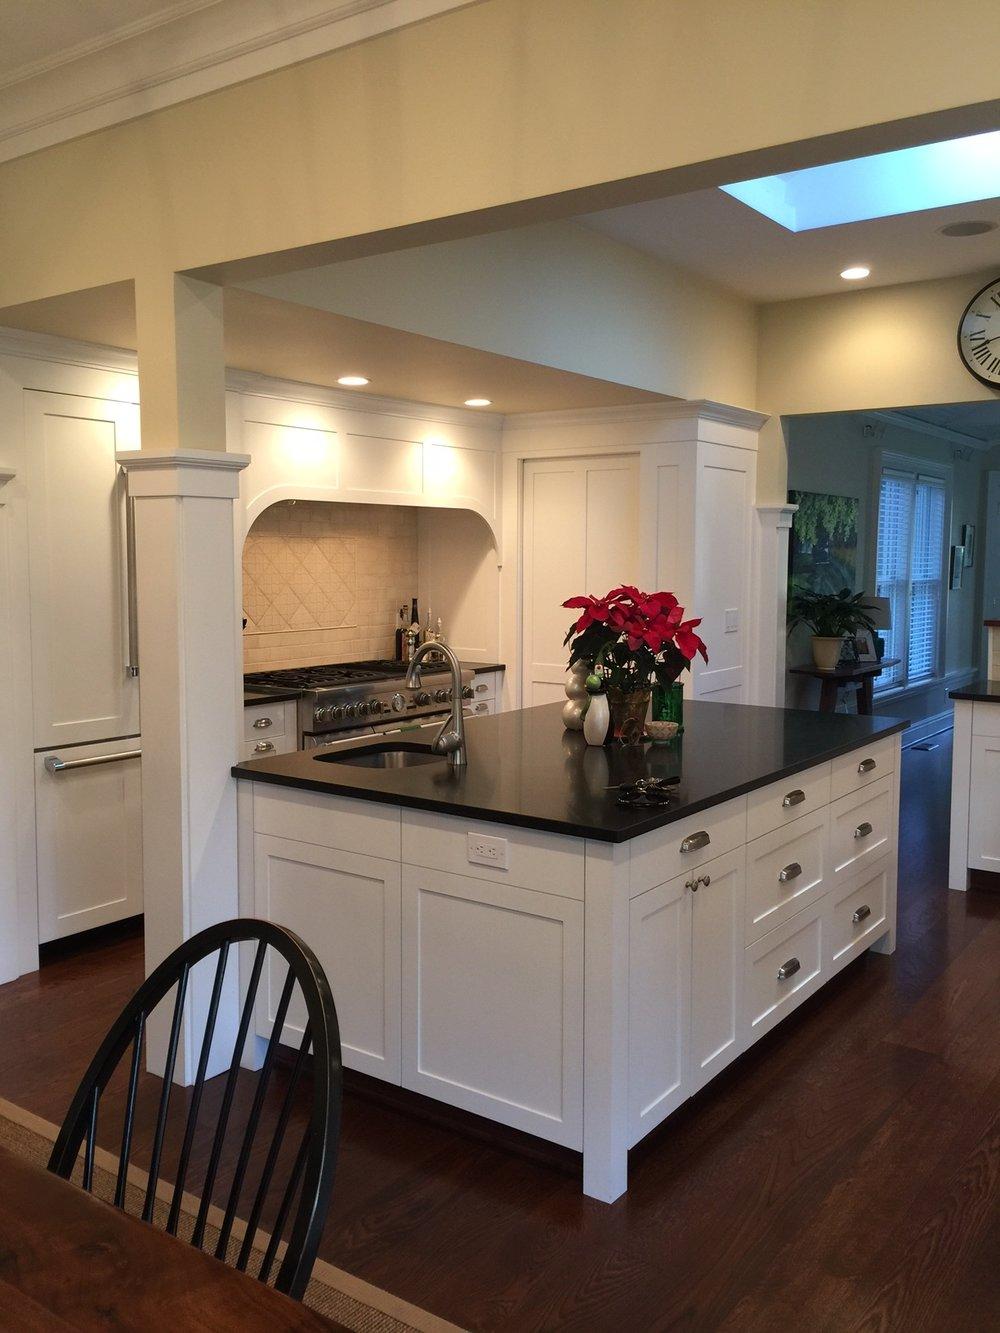 lindemann- kitchen overall.JPG